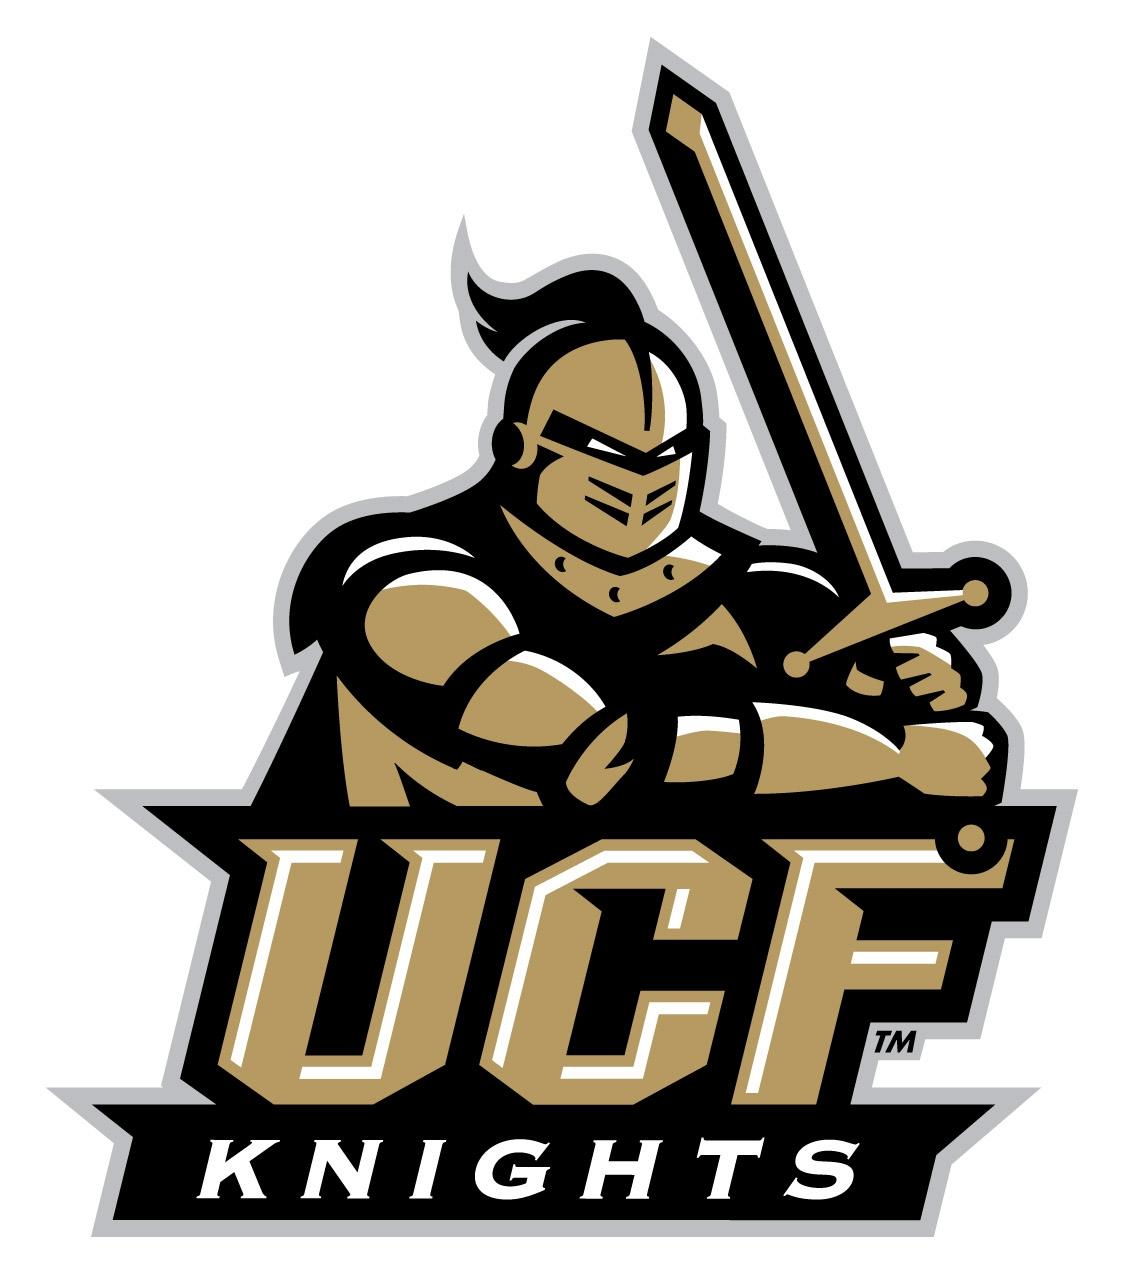 セントラルフロリダ大 ロゴ